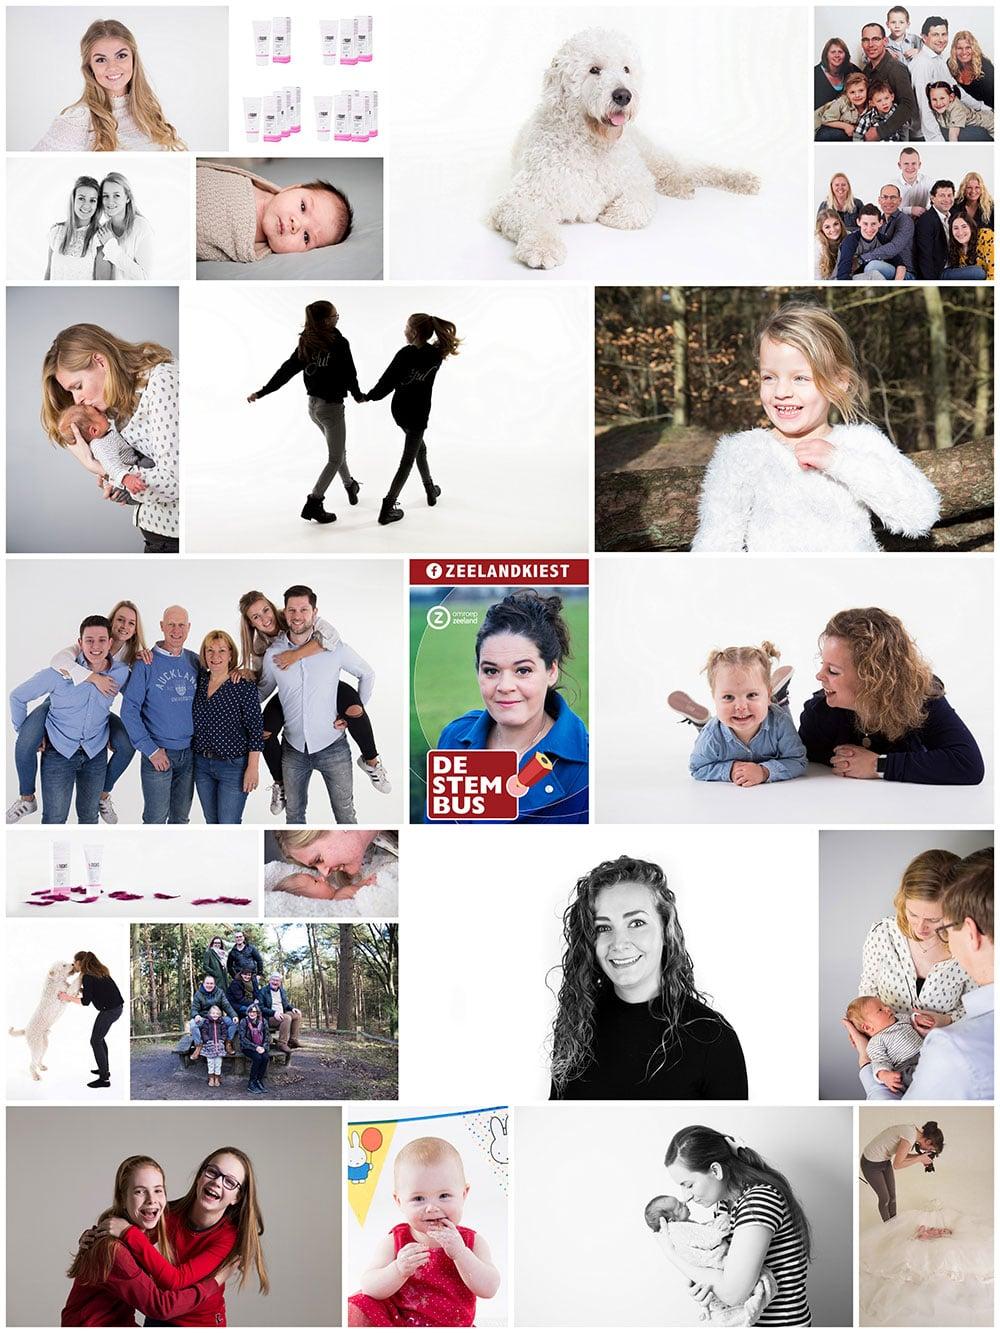 fotograaf portfolio februari